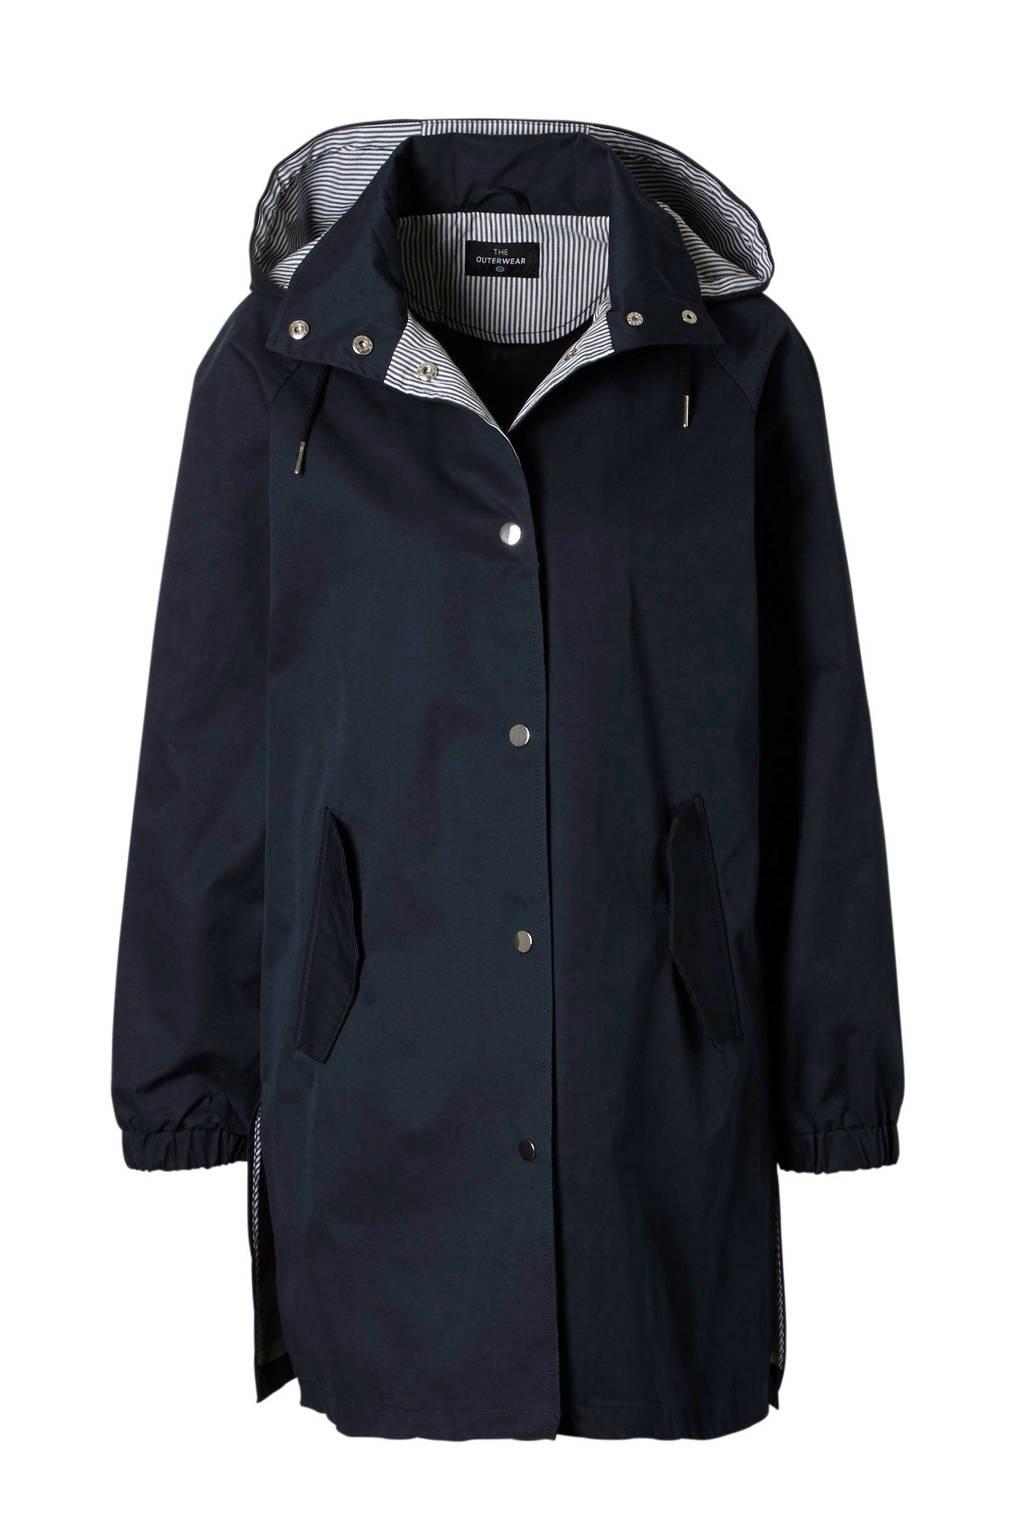 C&A Yessica jas donkerblauw, Donkerblauw